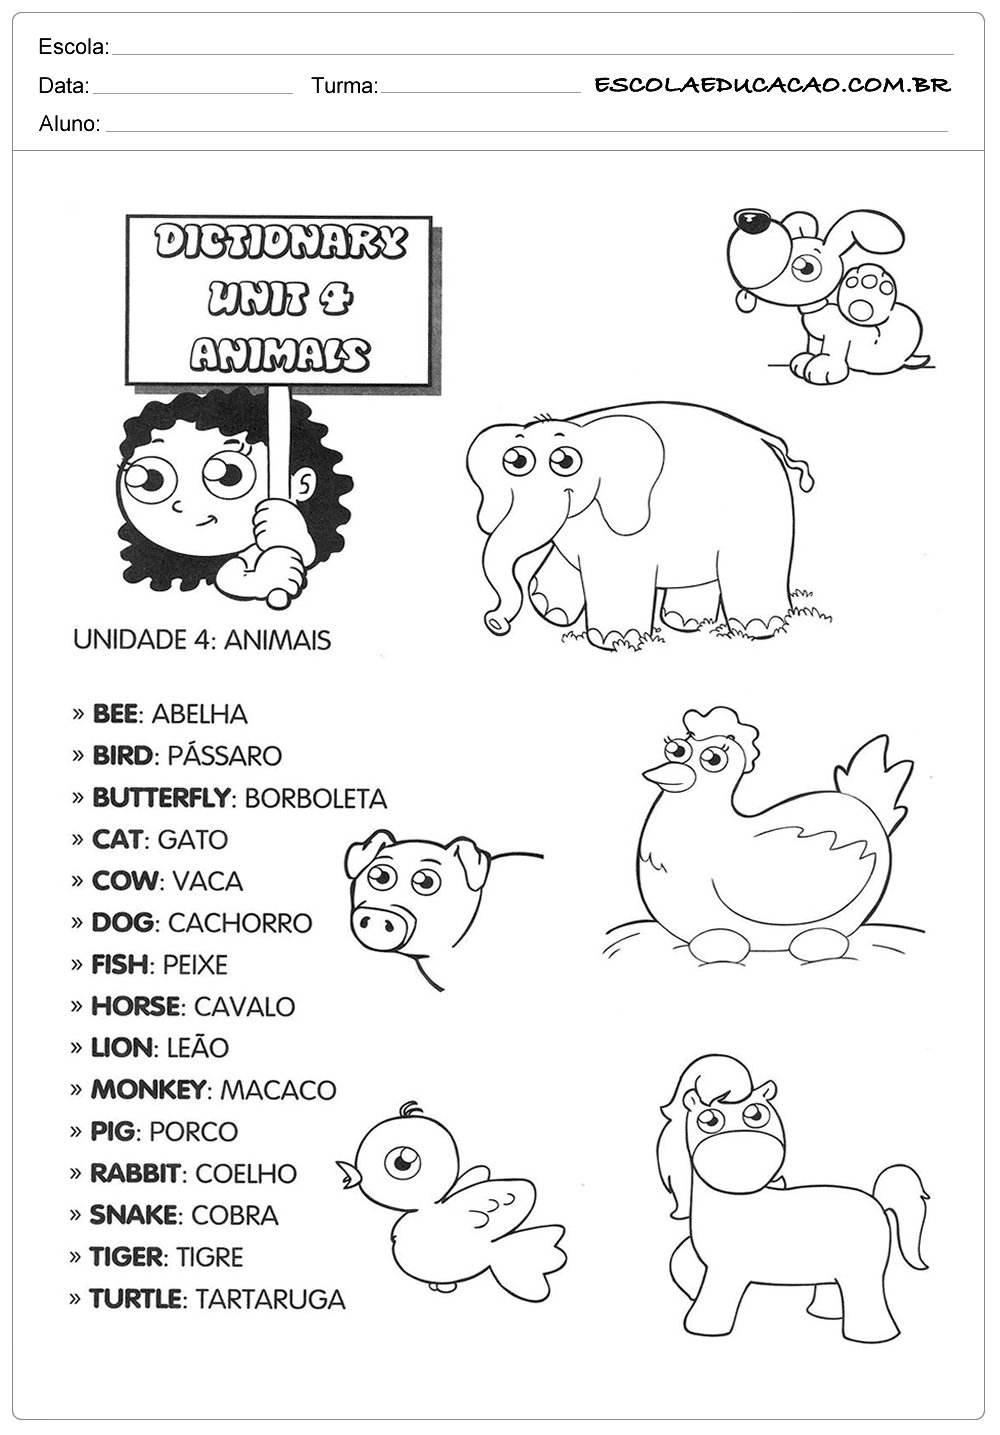 Conhecido Atividades de inglês para educação infantil - Animais - Escola  RW78